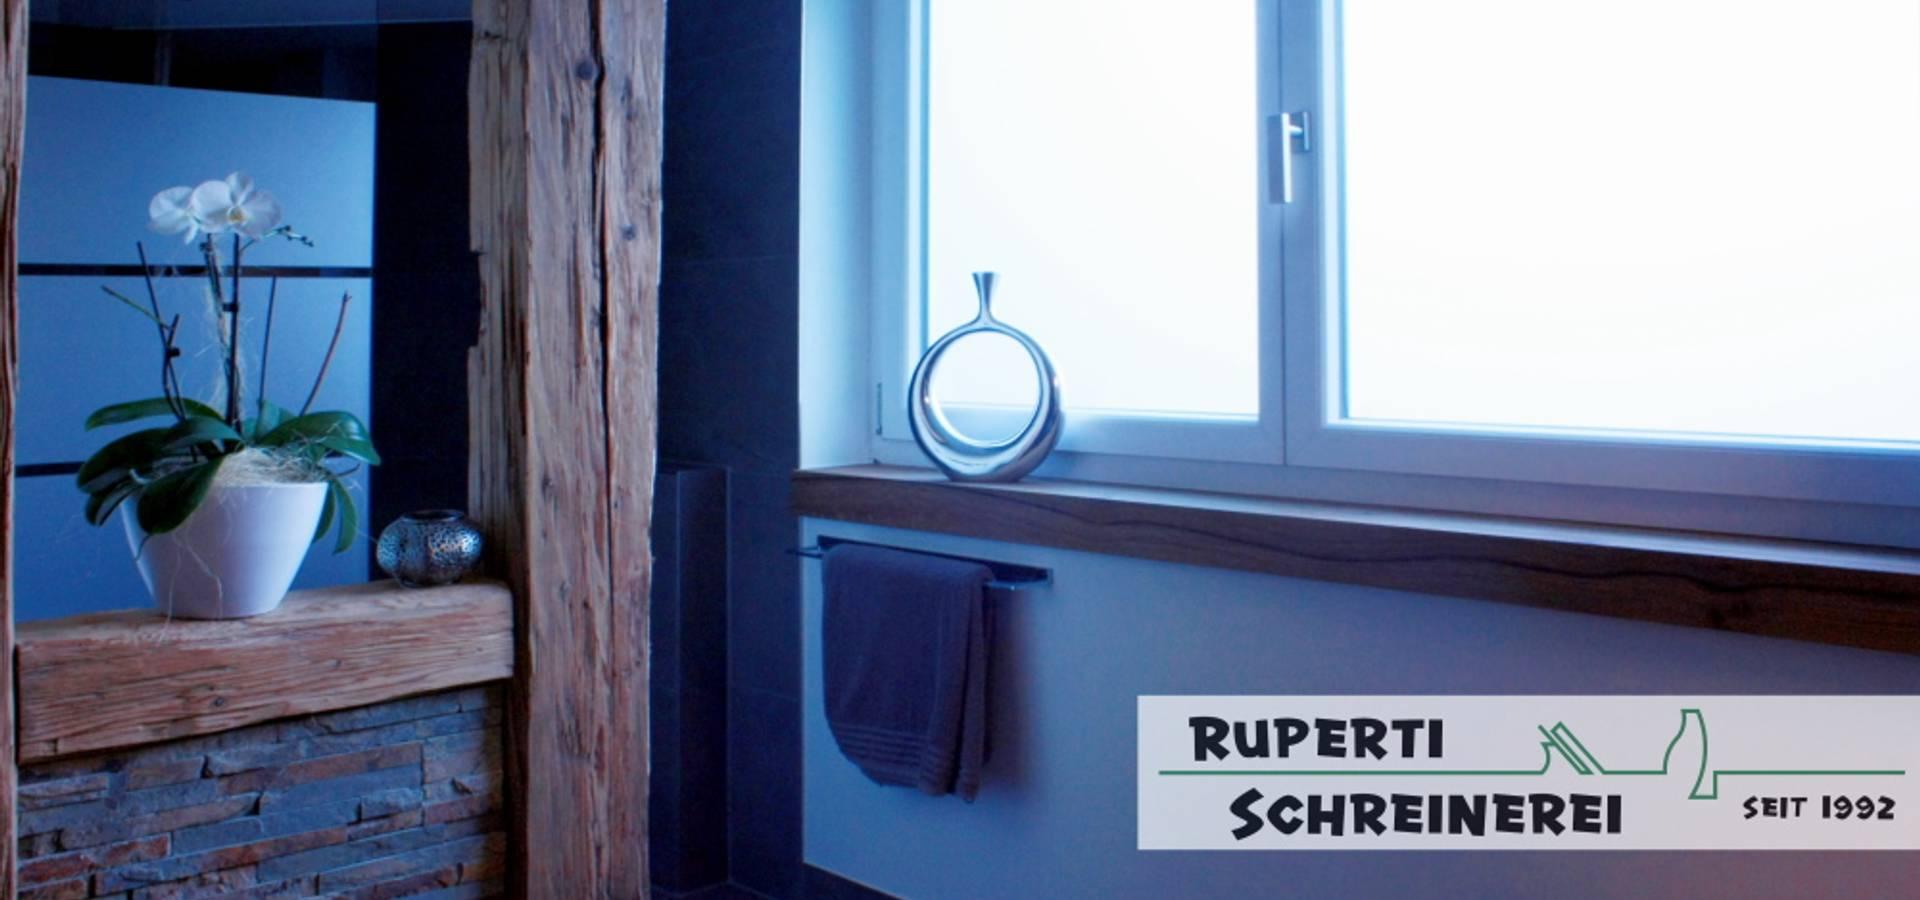 Ruperti Schreinerei